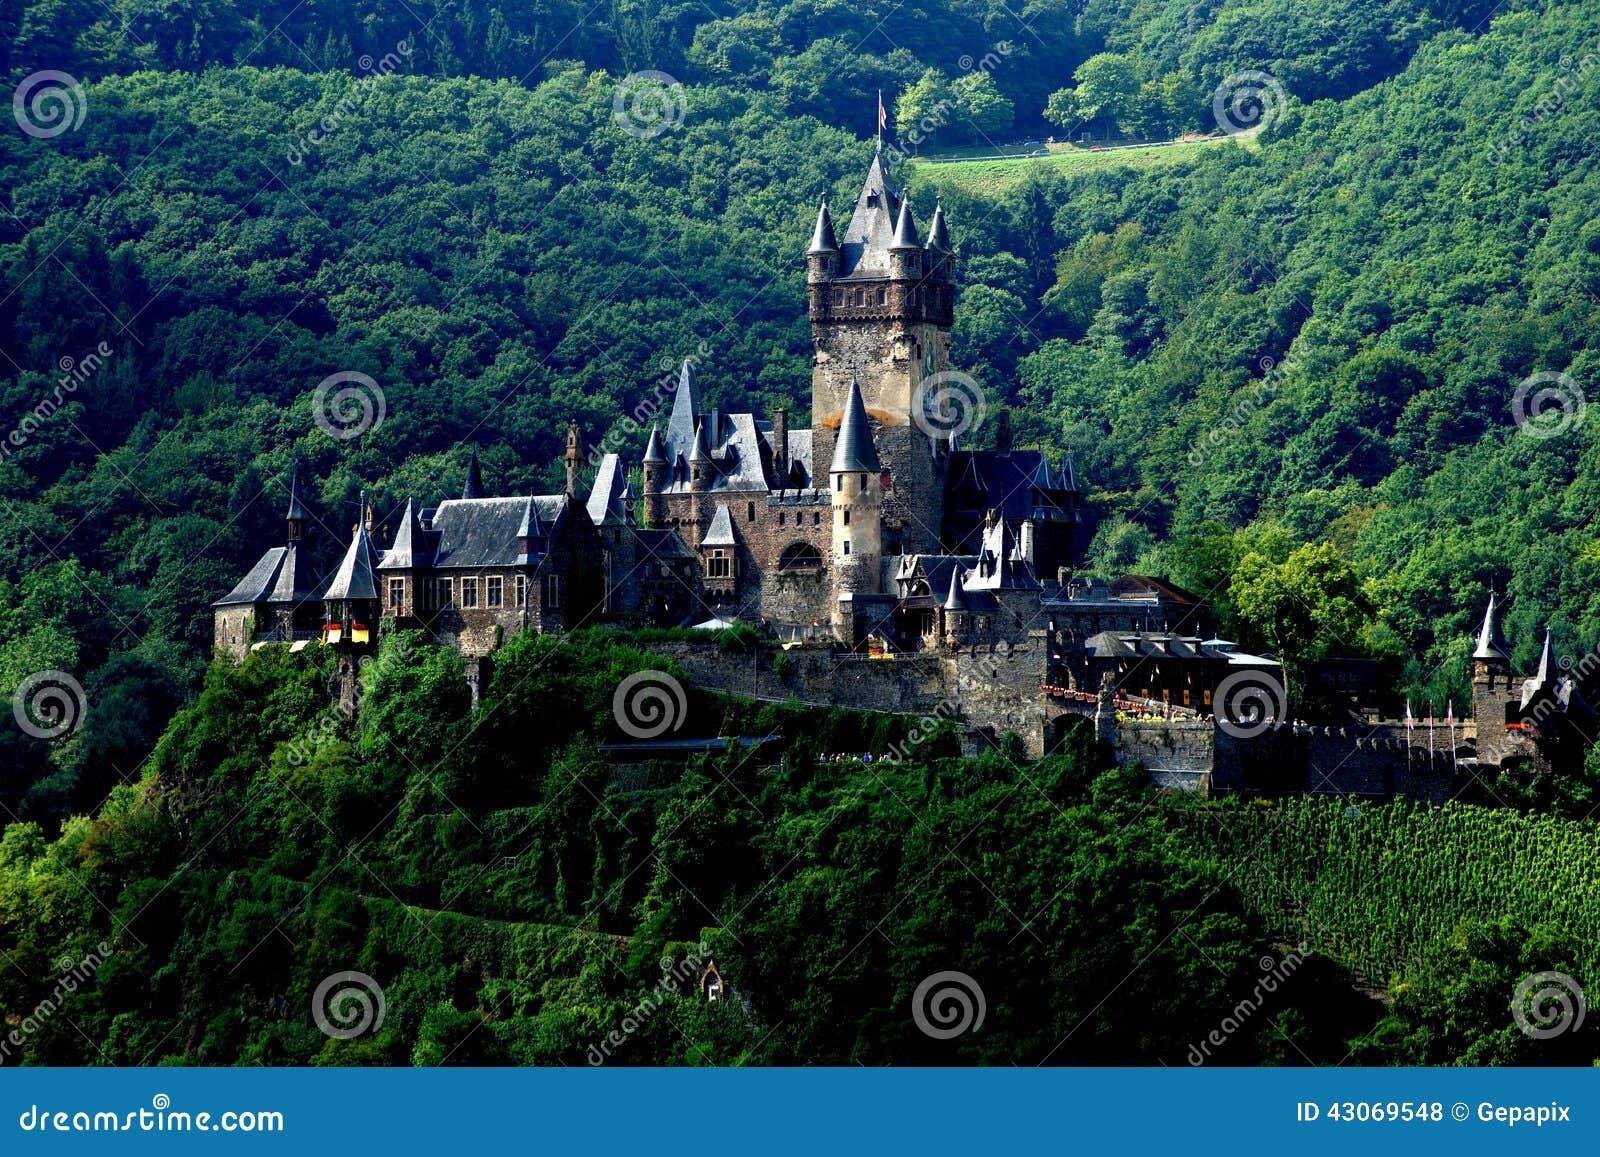 德国的皇家城堡科赫姆的